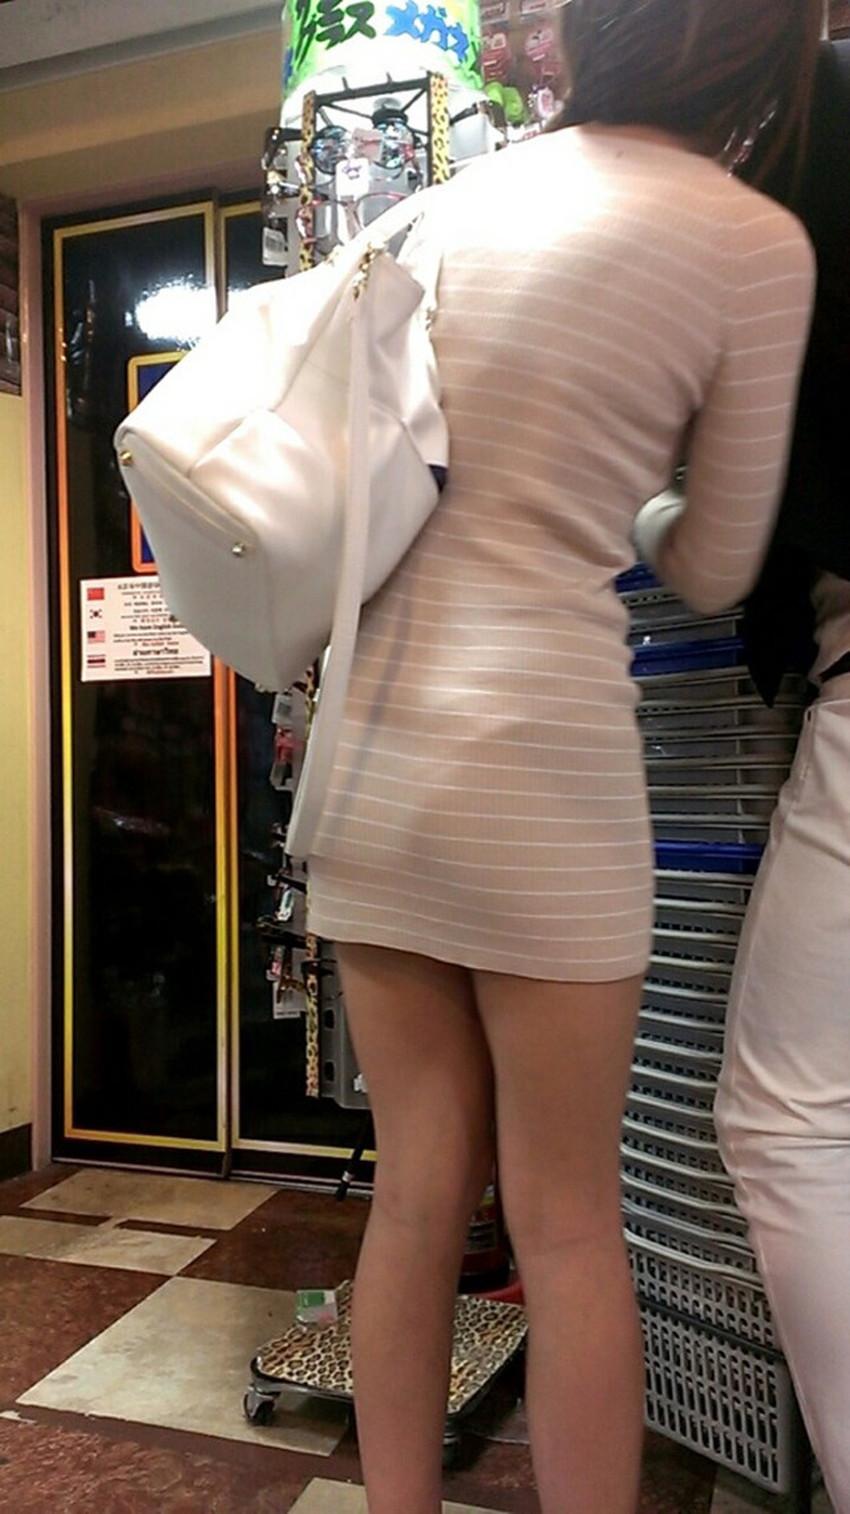 【パン透けスカートエロ画像】パンティーラインが透けちゃうタイトミニやマキシワンピで無防備に歩く美女達のパン透けスカートのエロ画像集!ww【80枚】 42